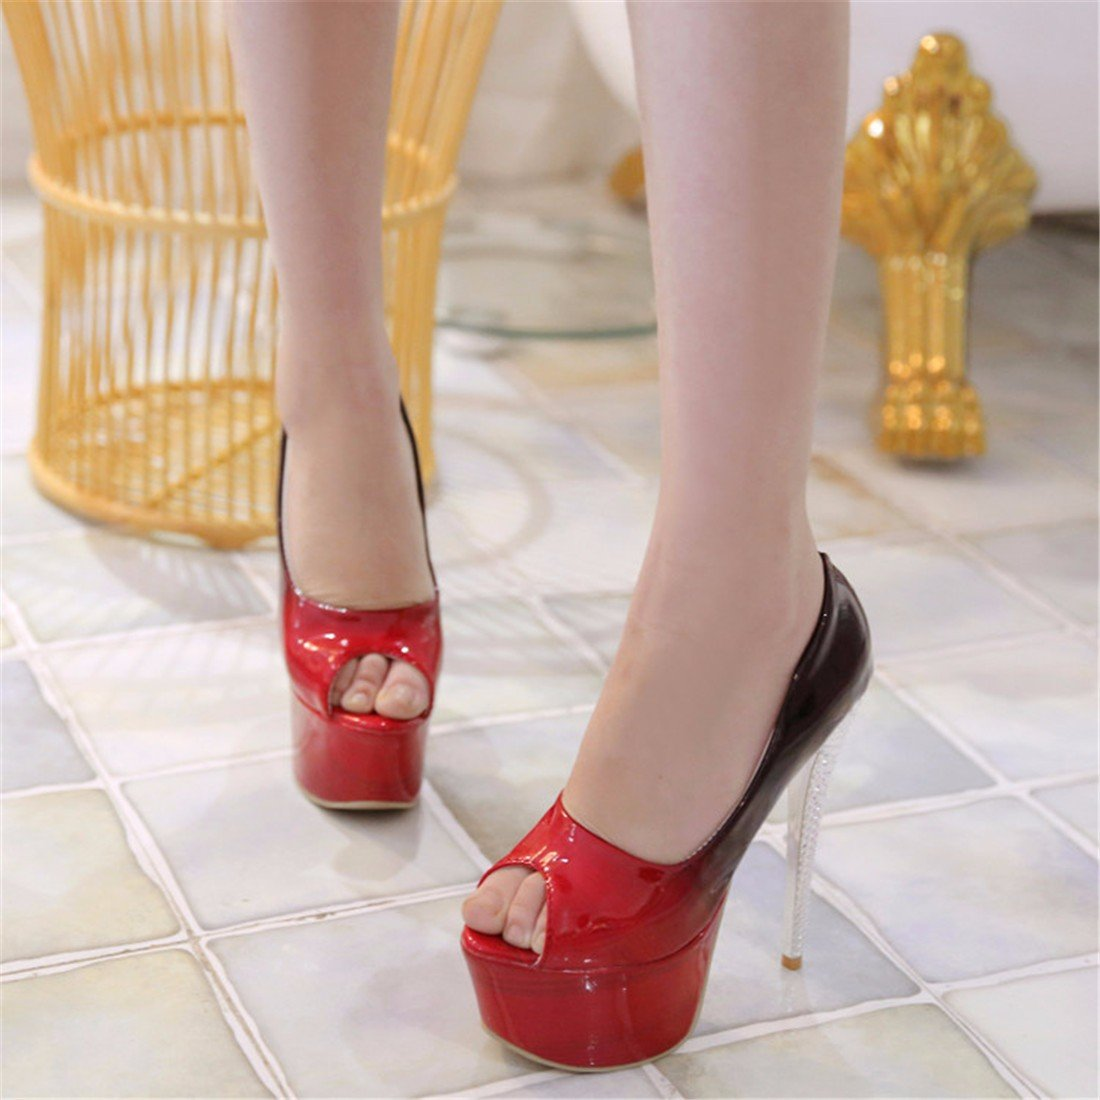 Donna Sandali Sandali Sandali tacco alto fine con sandali bocca pesce sandali modello nightclub scarpe, giallo 36 Red 122896